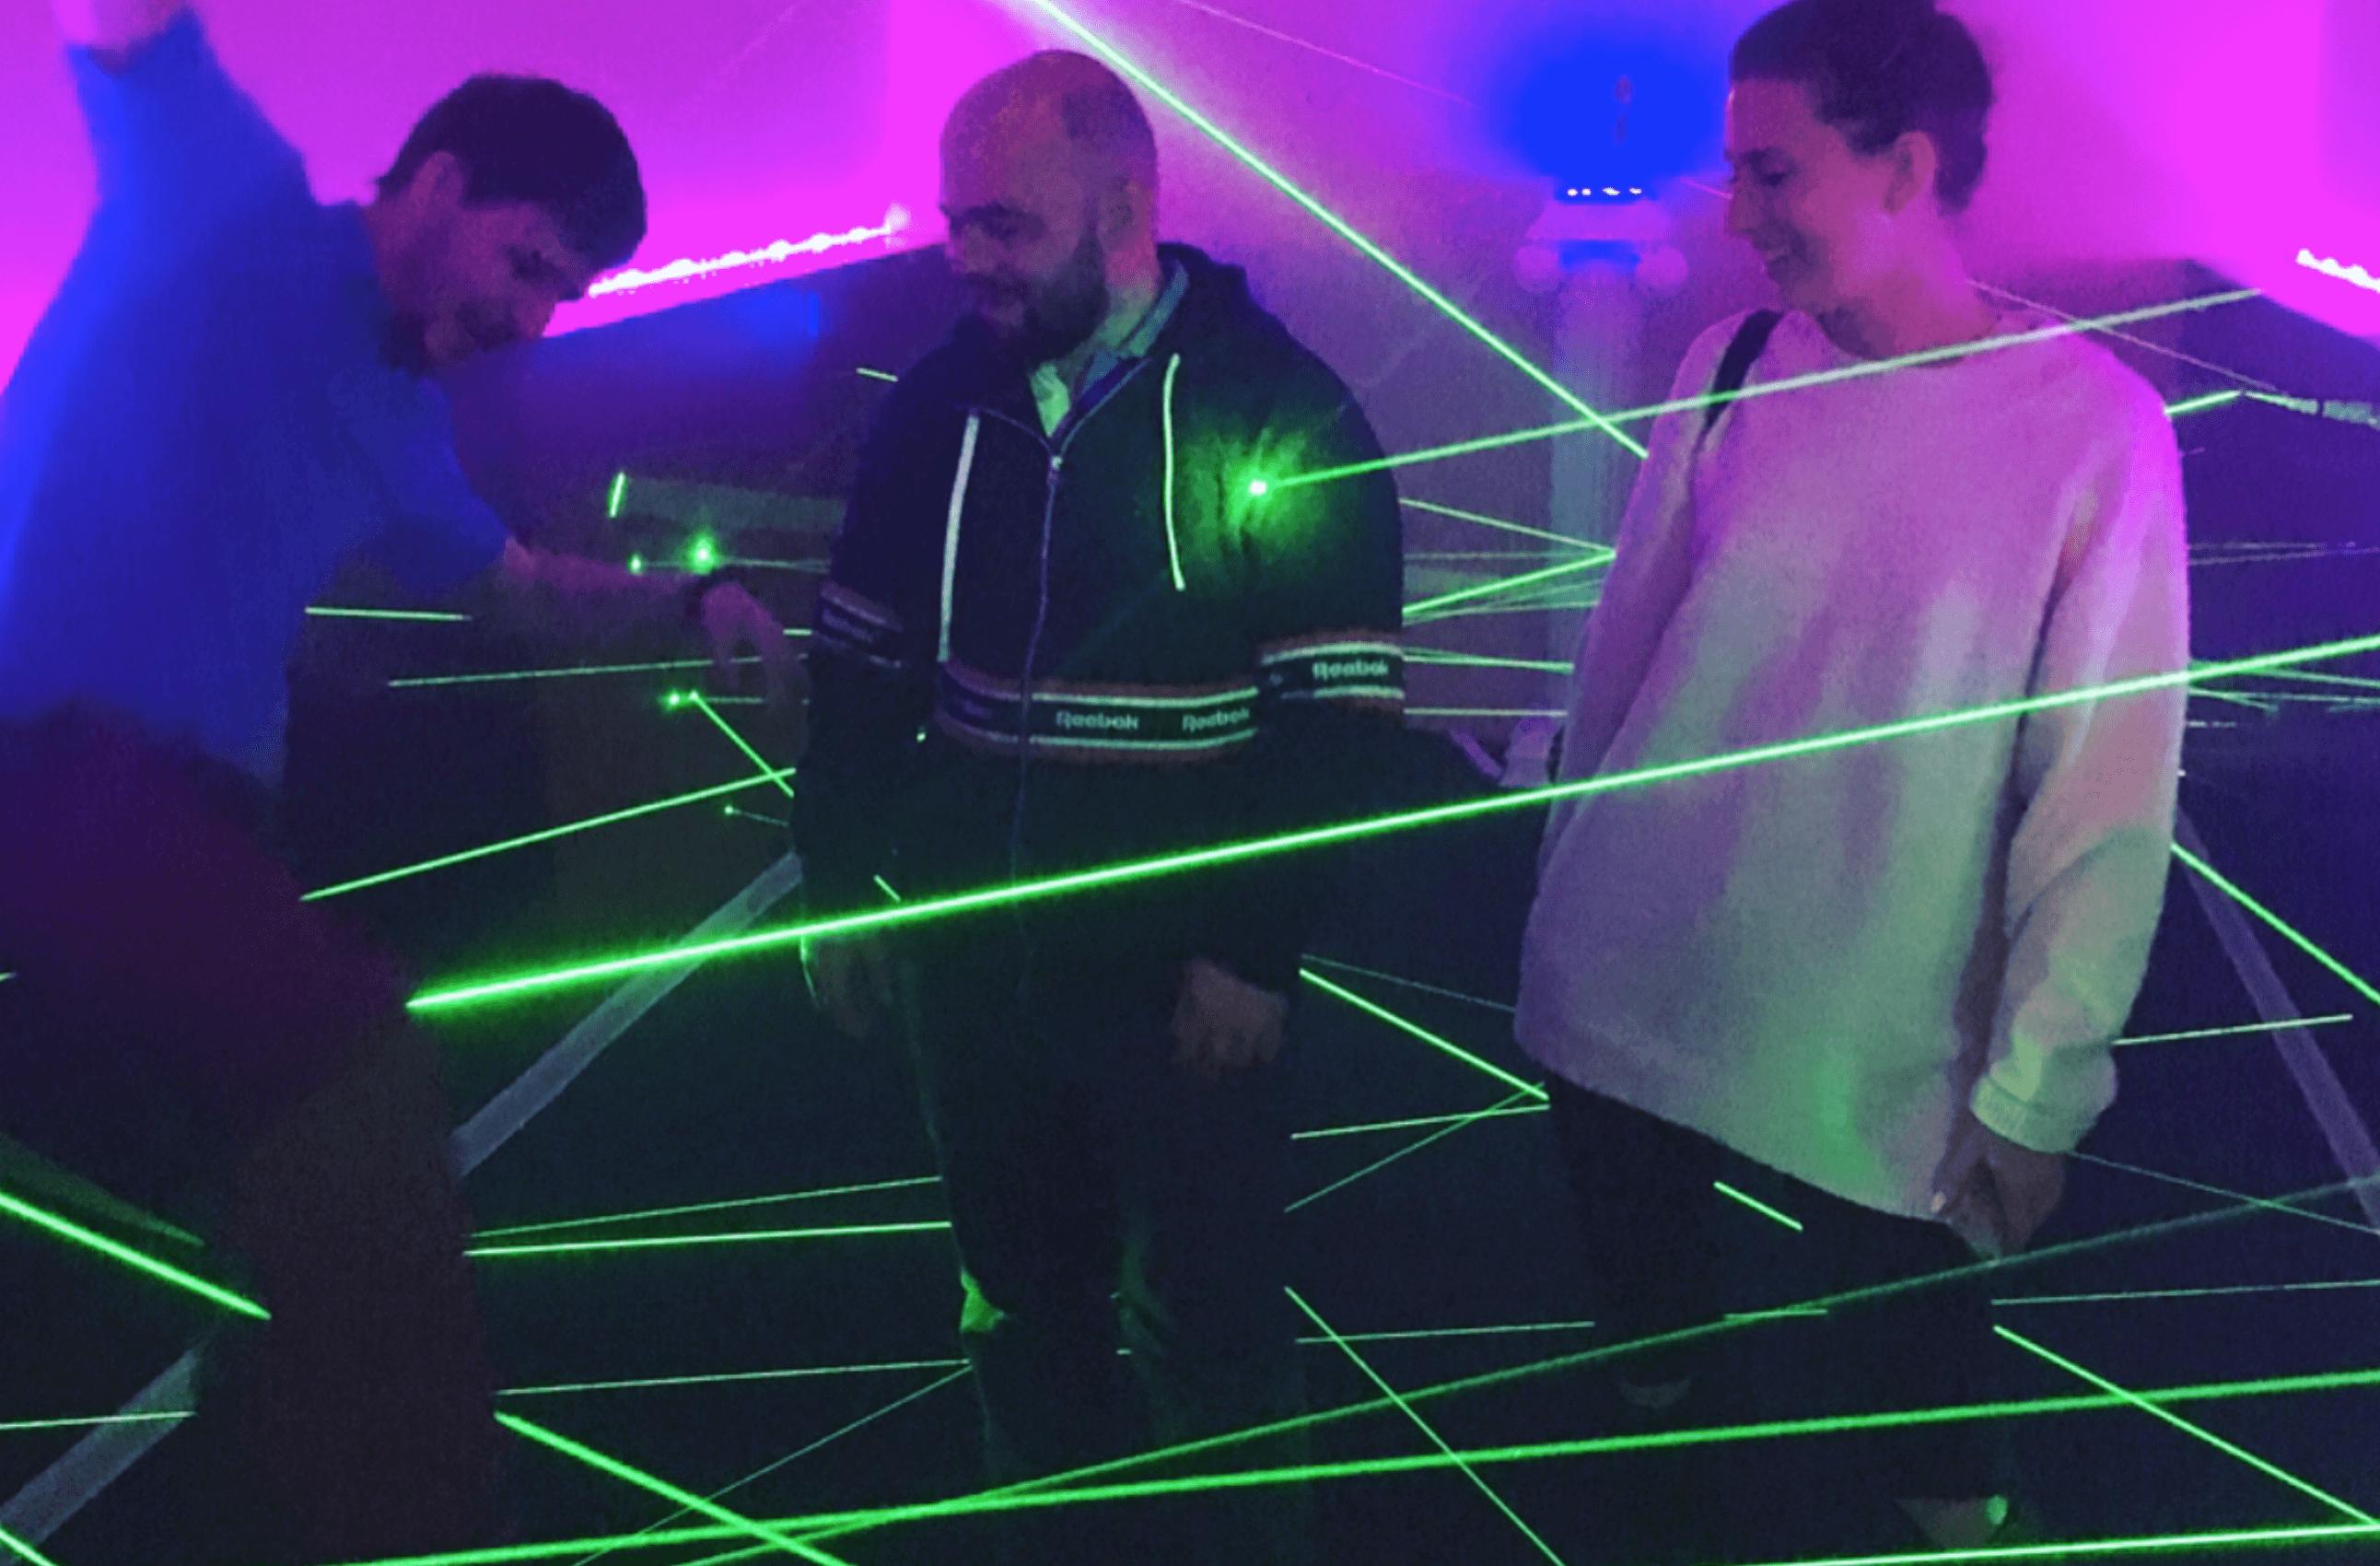 Лазерный лабиринт на мероприятие